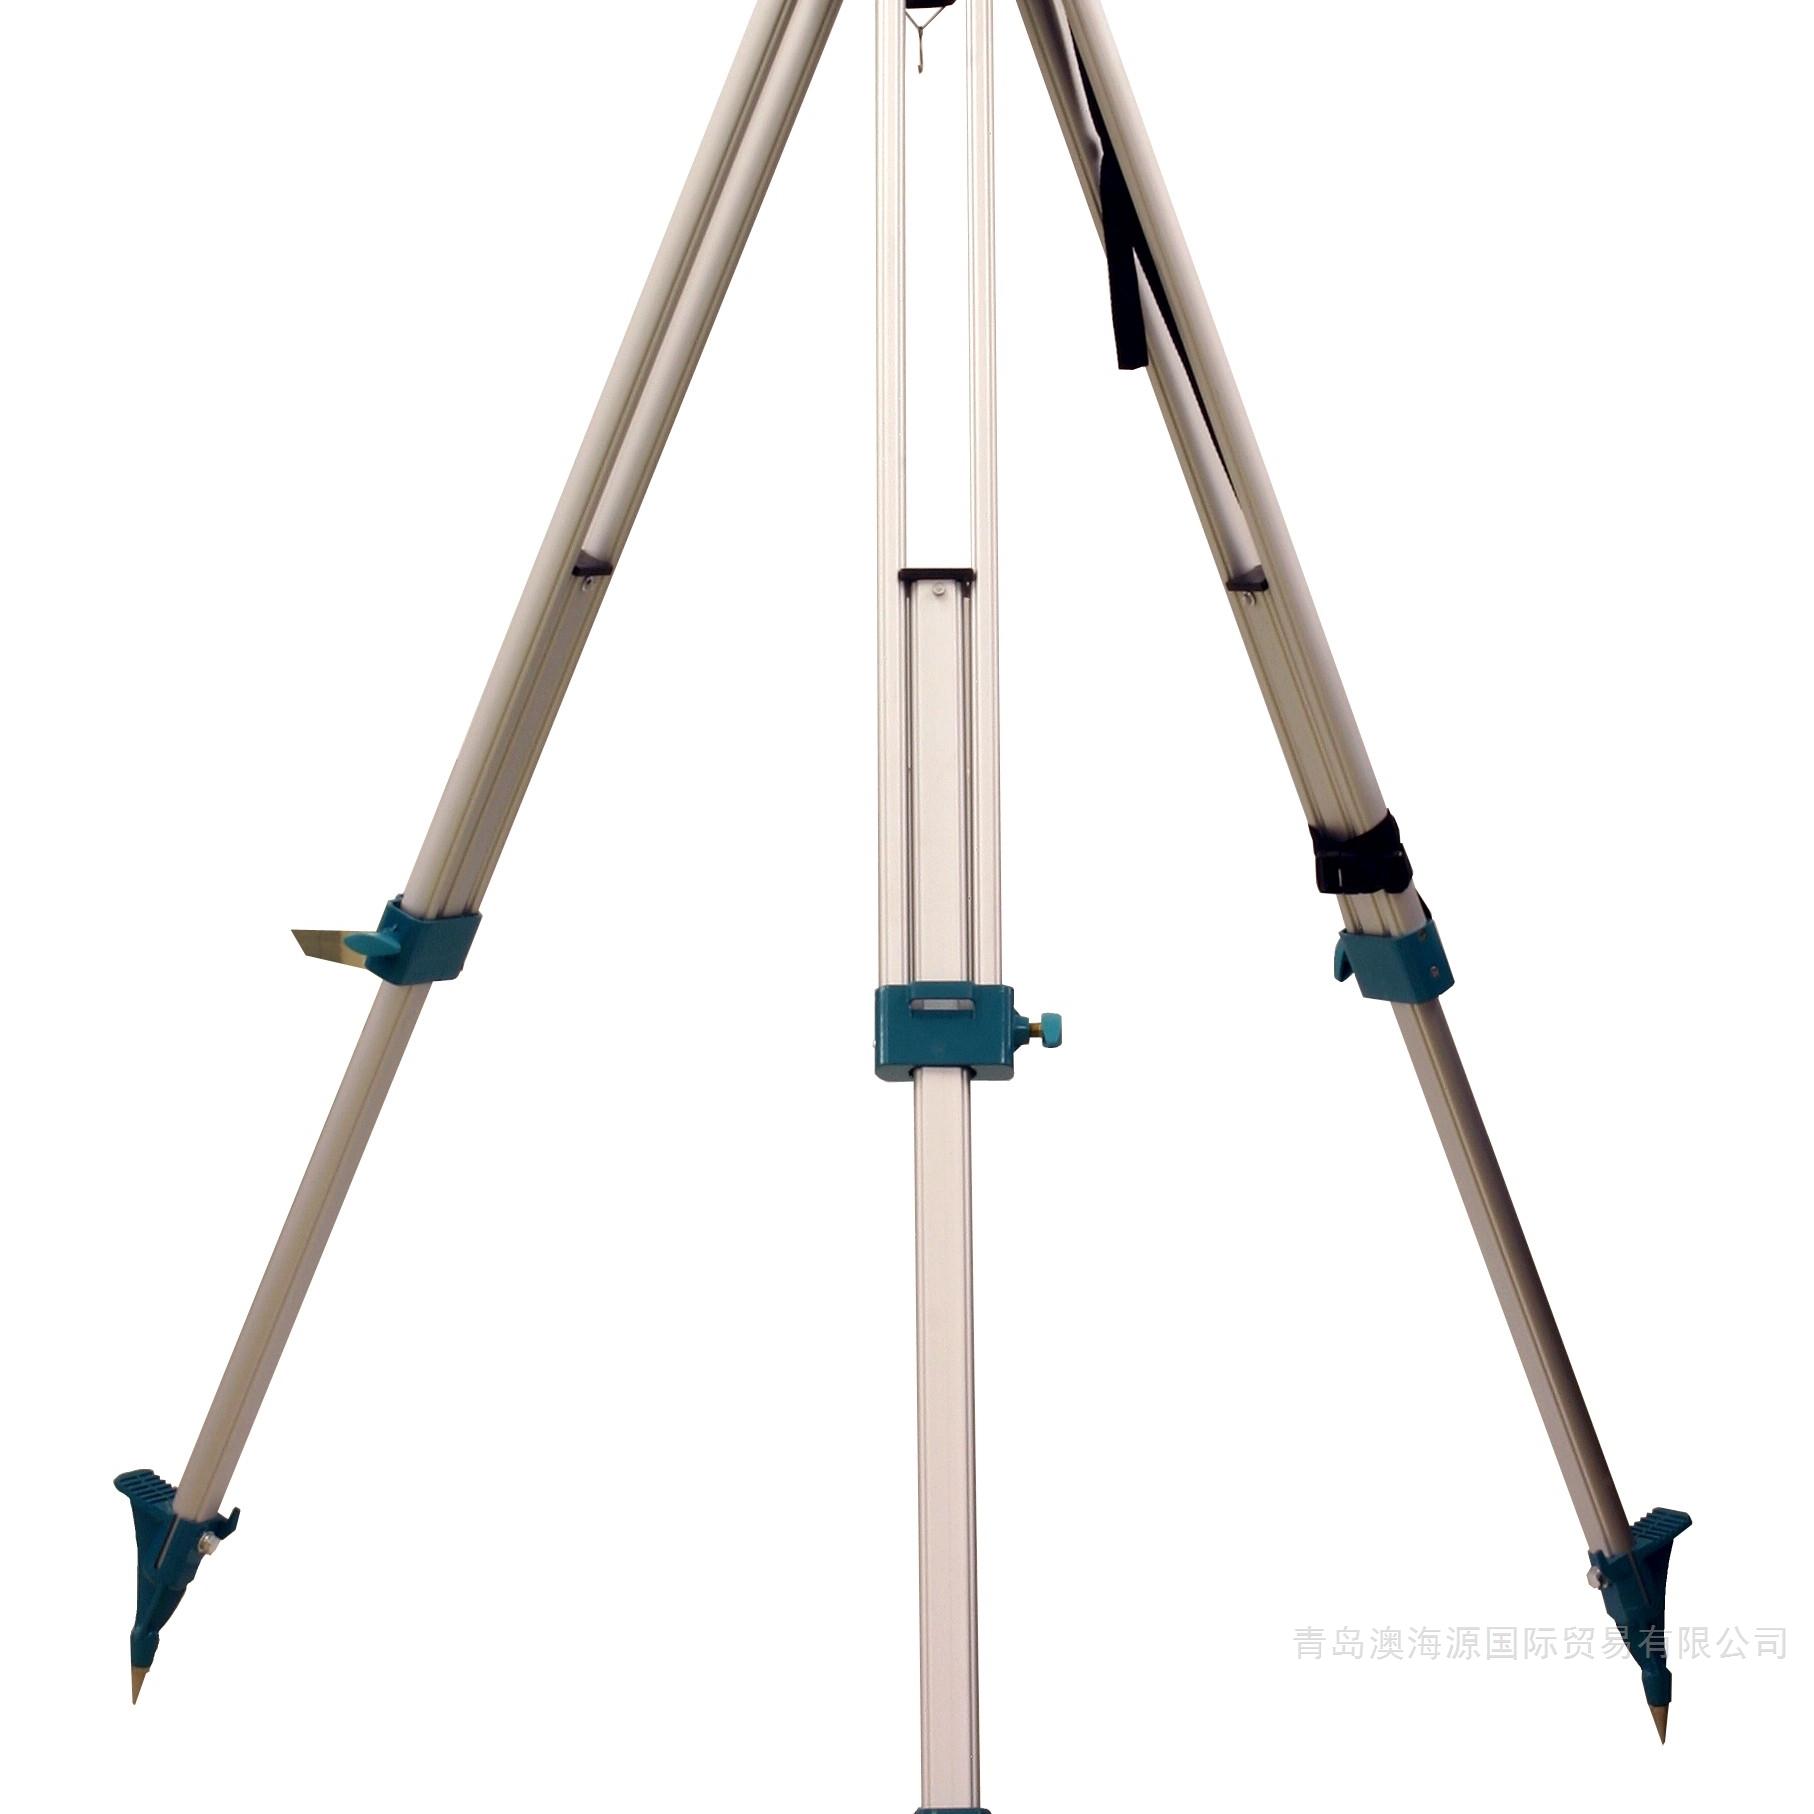 日本SANPHO水准仪激光距离计球面型三脚支架